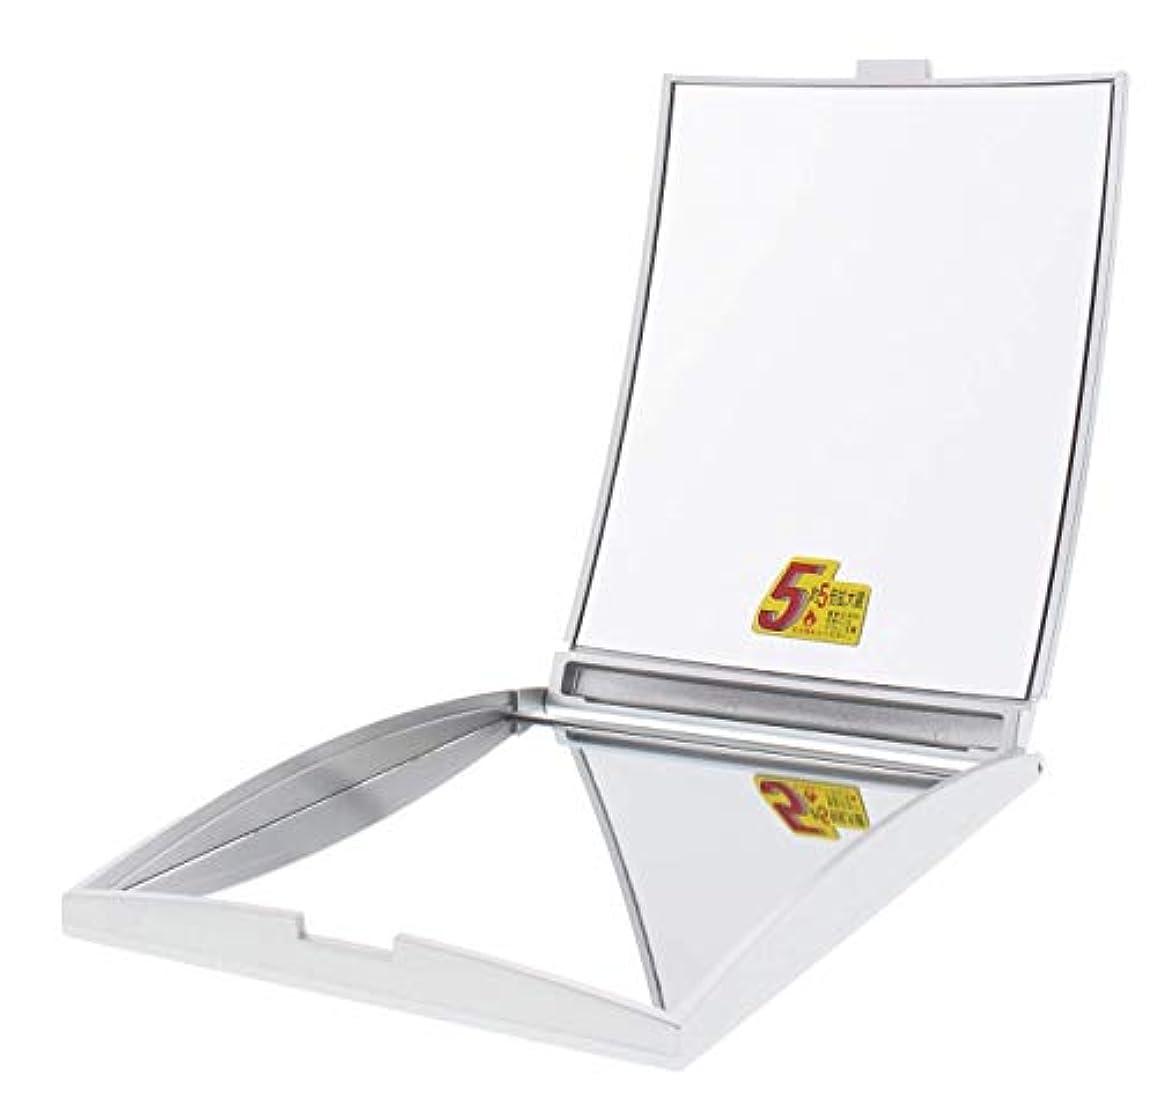 メリー 片面約5倍拡大鏡付コンパクトミラー Lサイズ シルバー AD-104